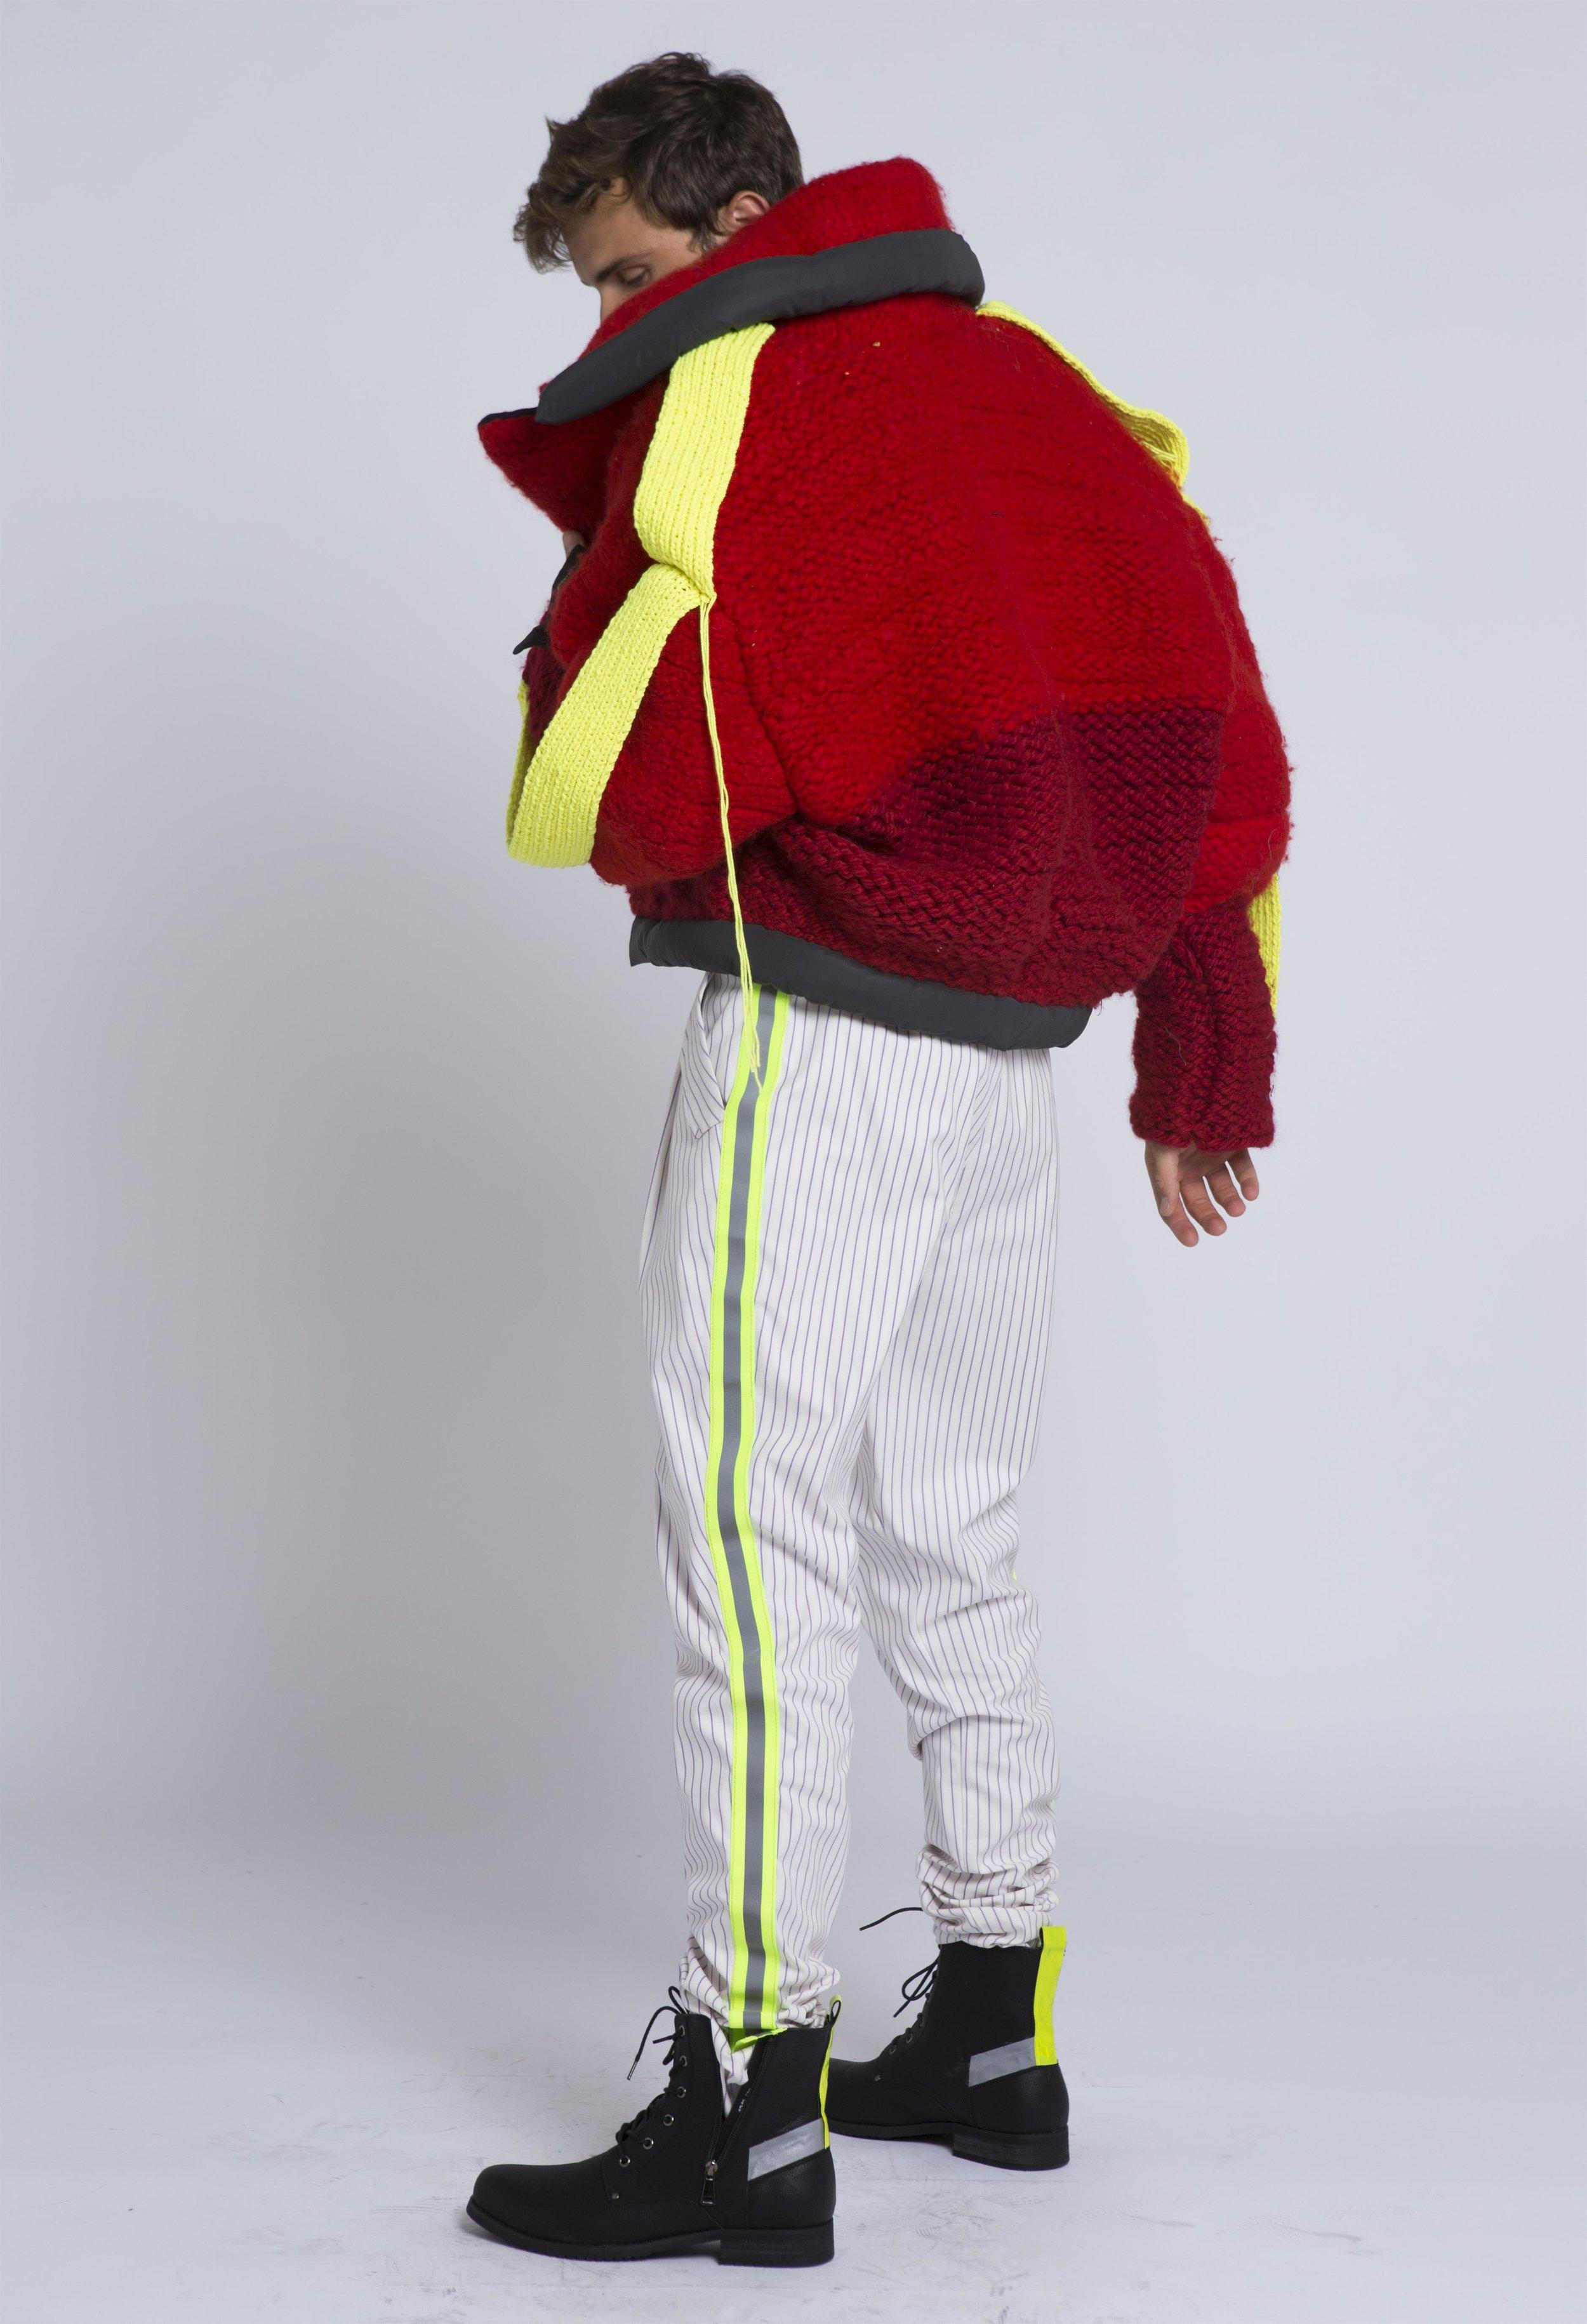 יפעת אוטיץ - They're hereקולקציית גברים העשויה סריגים ואריגים, אשר עוצבה בהשראת המהפכה הצרפתית ומחאת האפודים הצהובים ומשלבת בין צבעי המהפכה לבין מחזירי האור של מחאת האפודים הצהובים